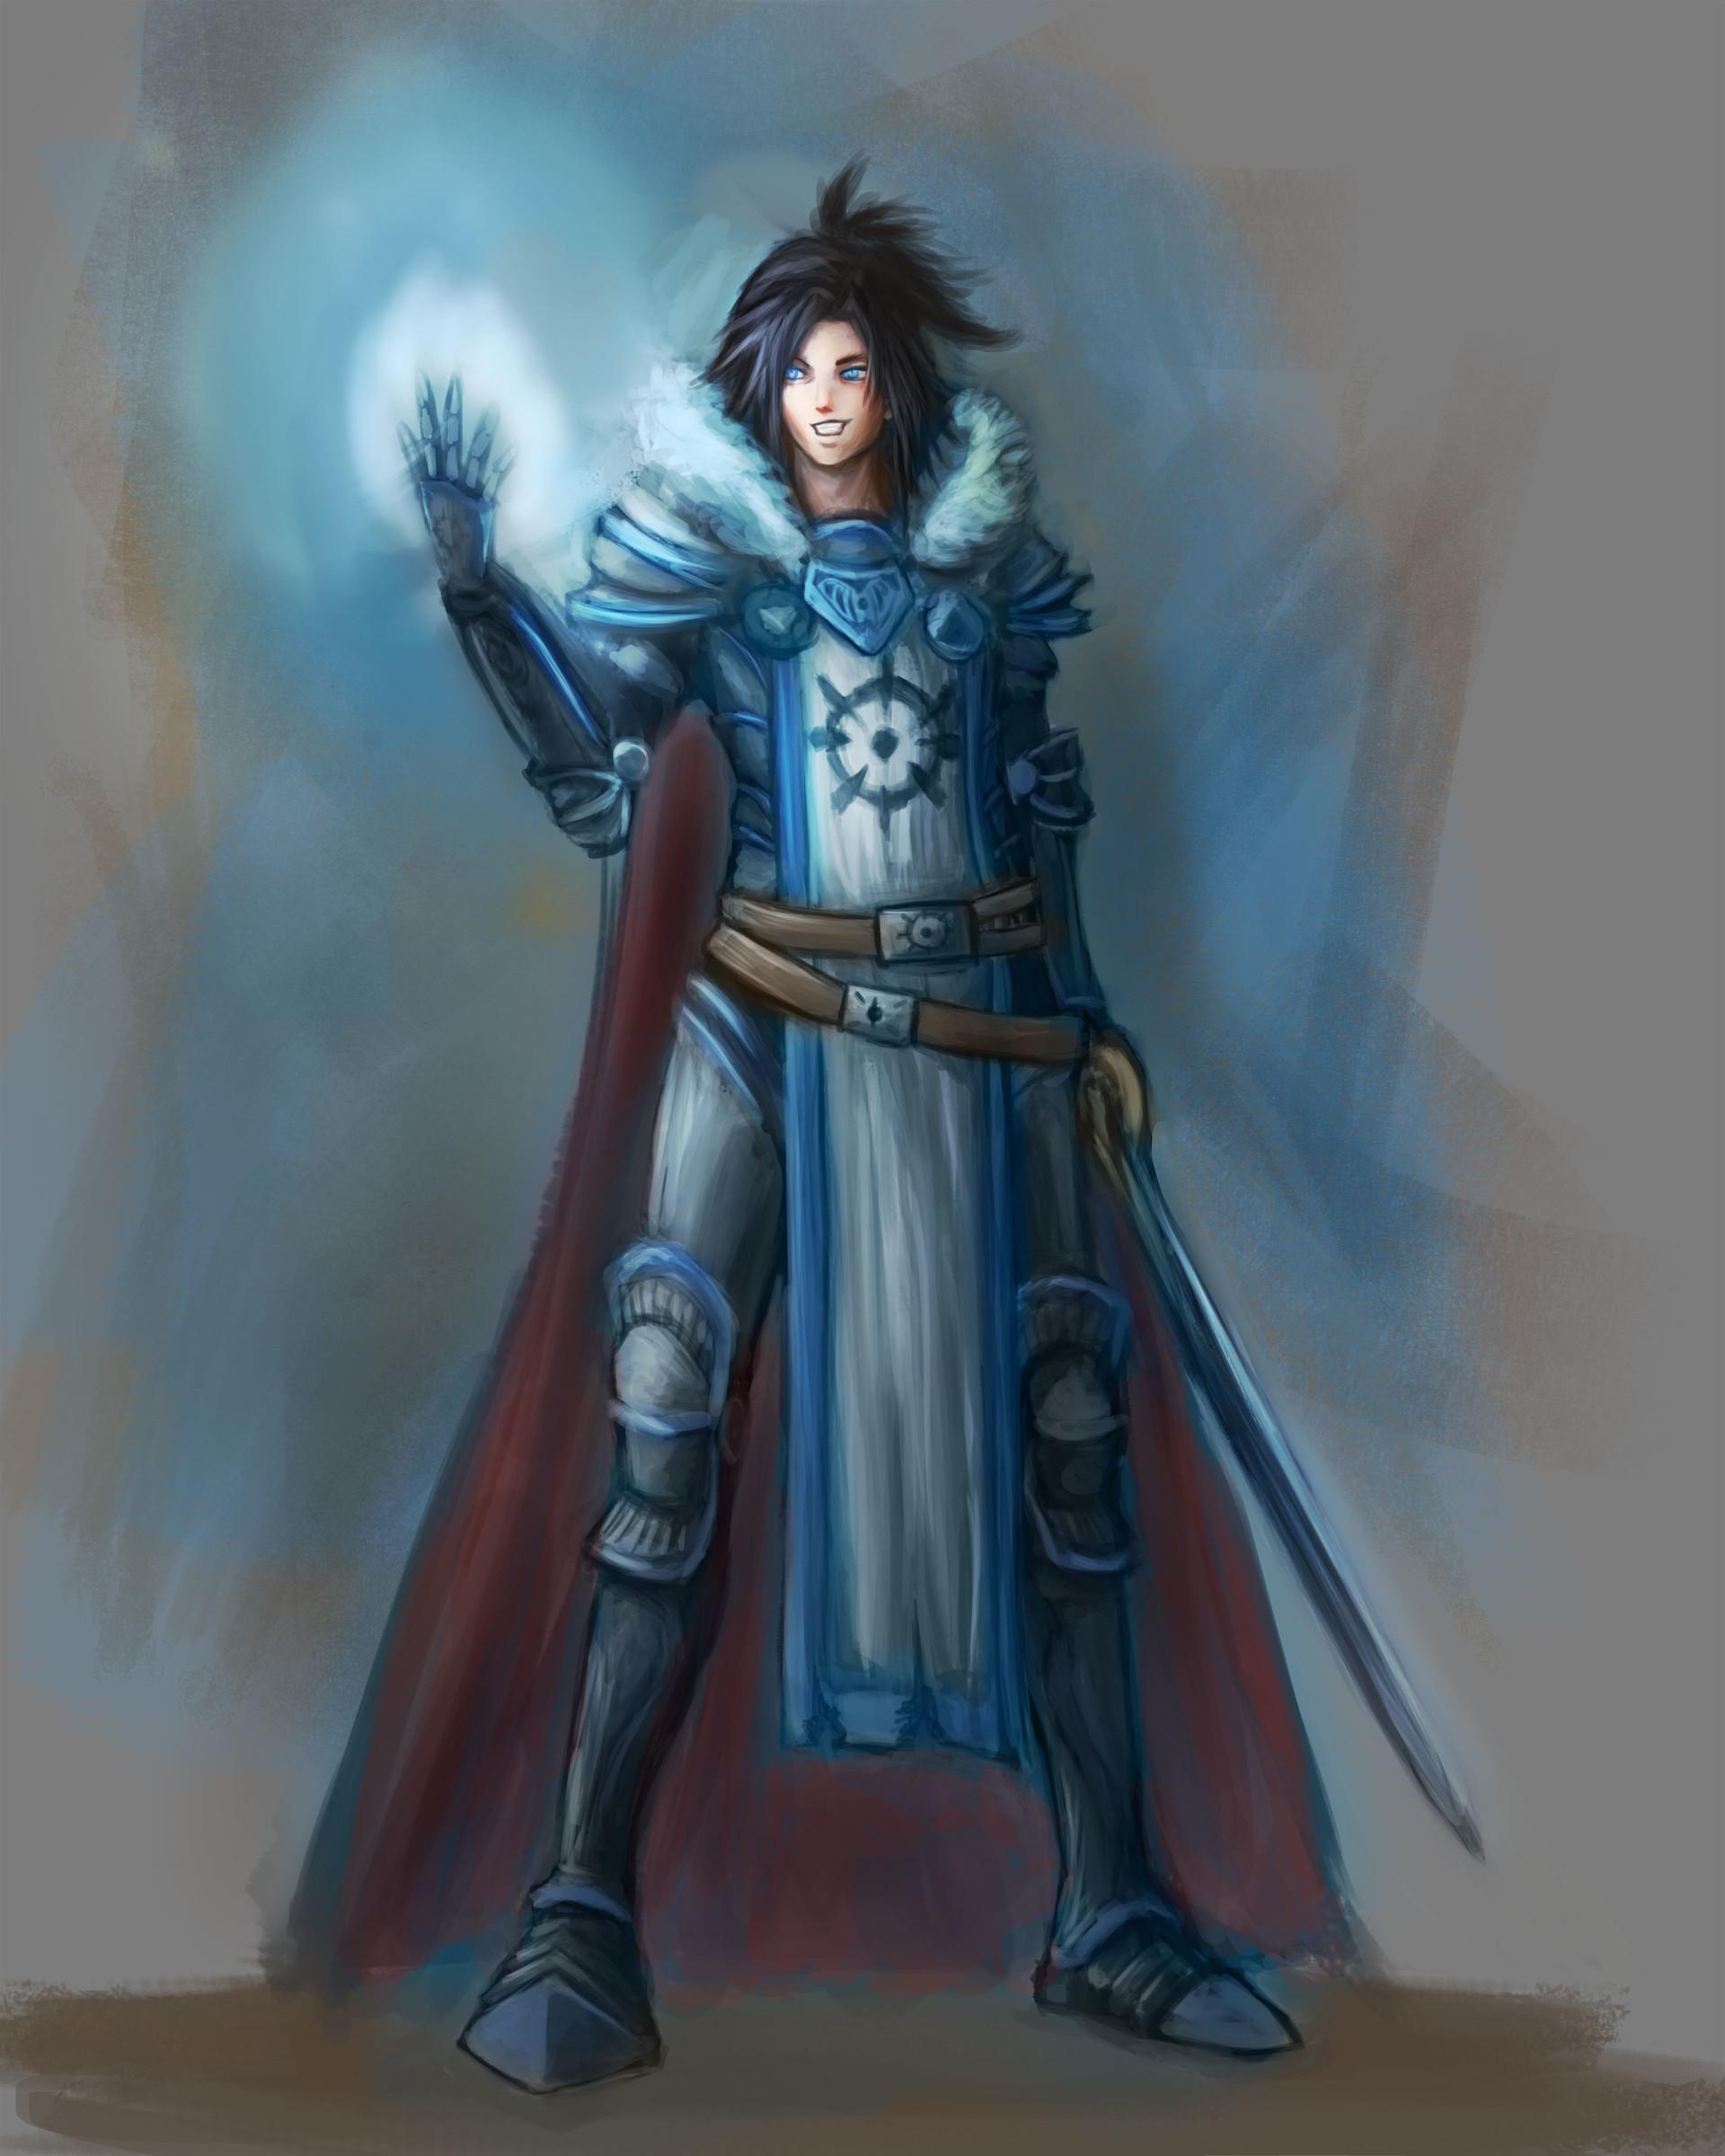 Dix shou magic knight color 3